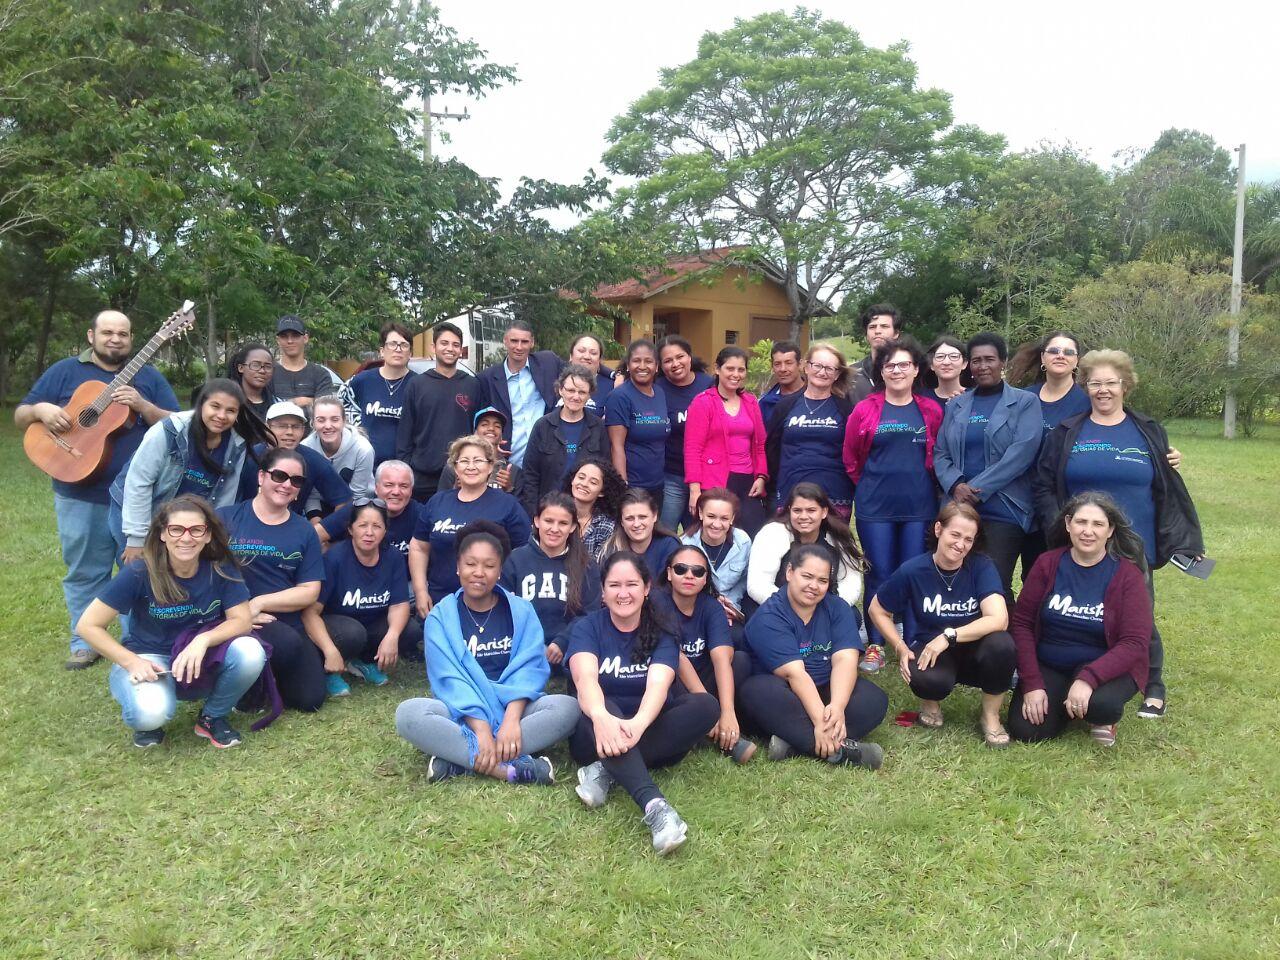 O Serviço de Pastoral Escolar (SPE) trabalhou a formação humana e espiritual dos estudantes, com dinâmicas e atividades reflexivas.